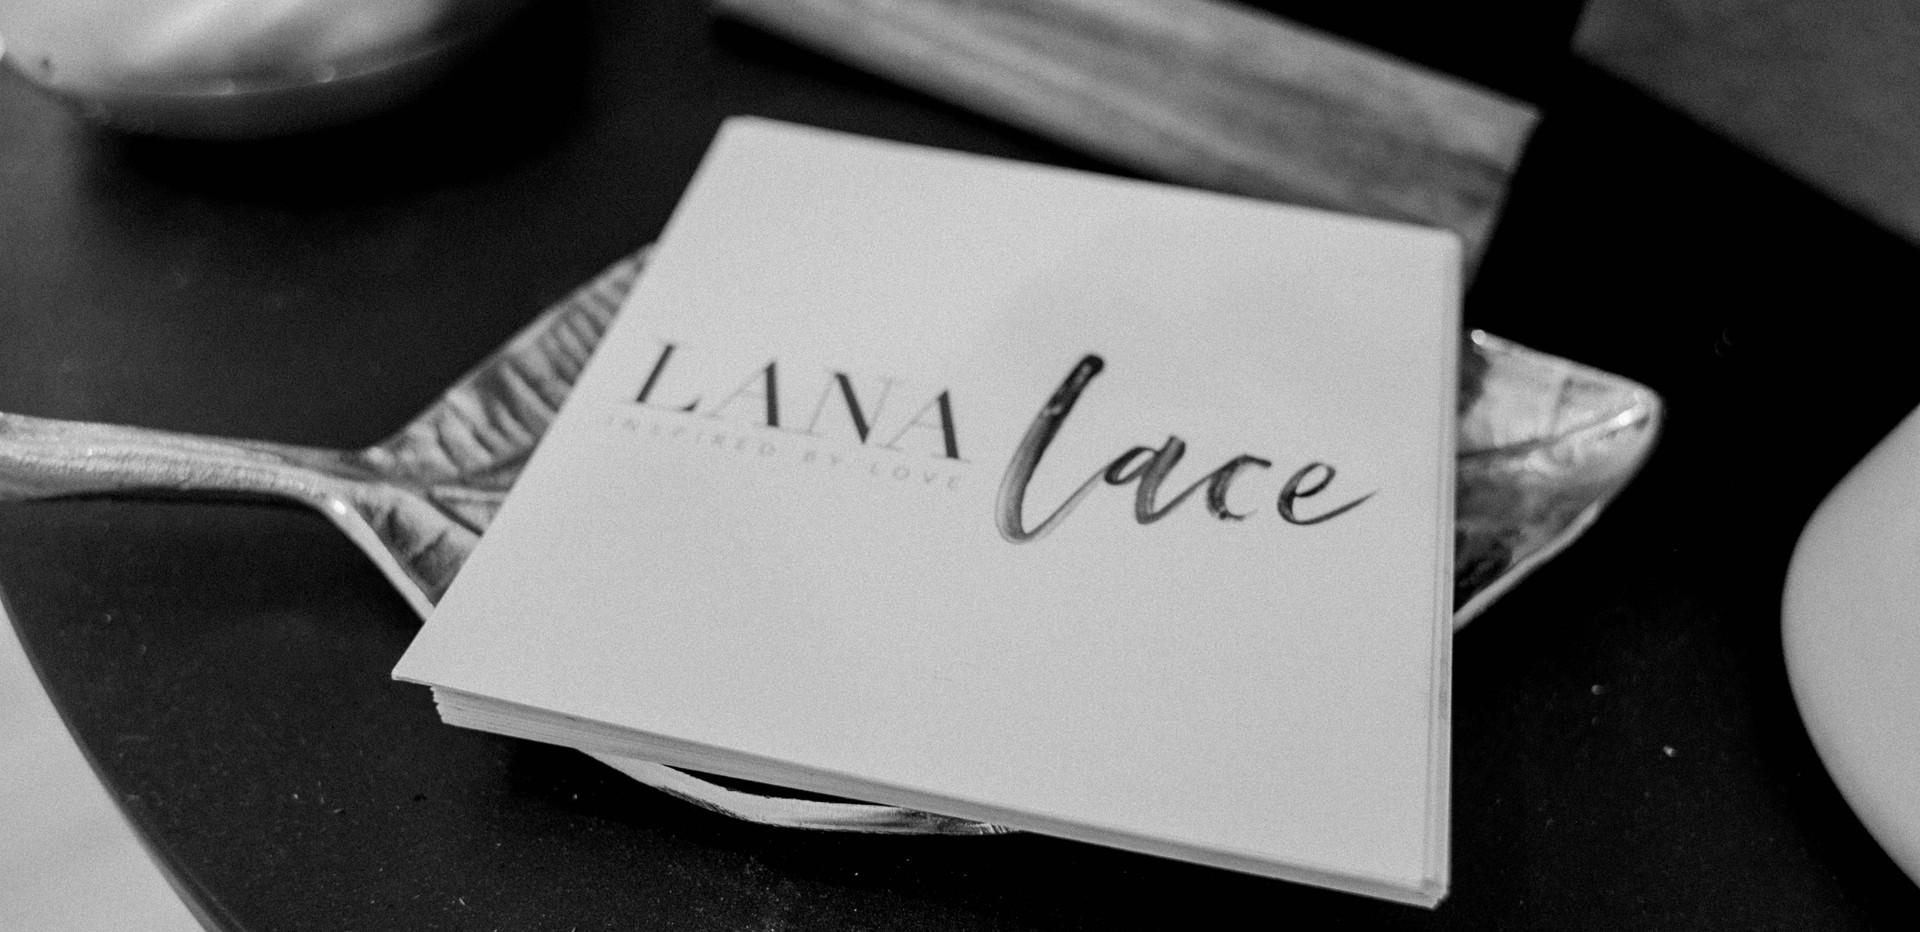 Lana Lace